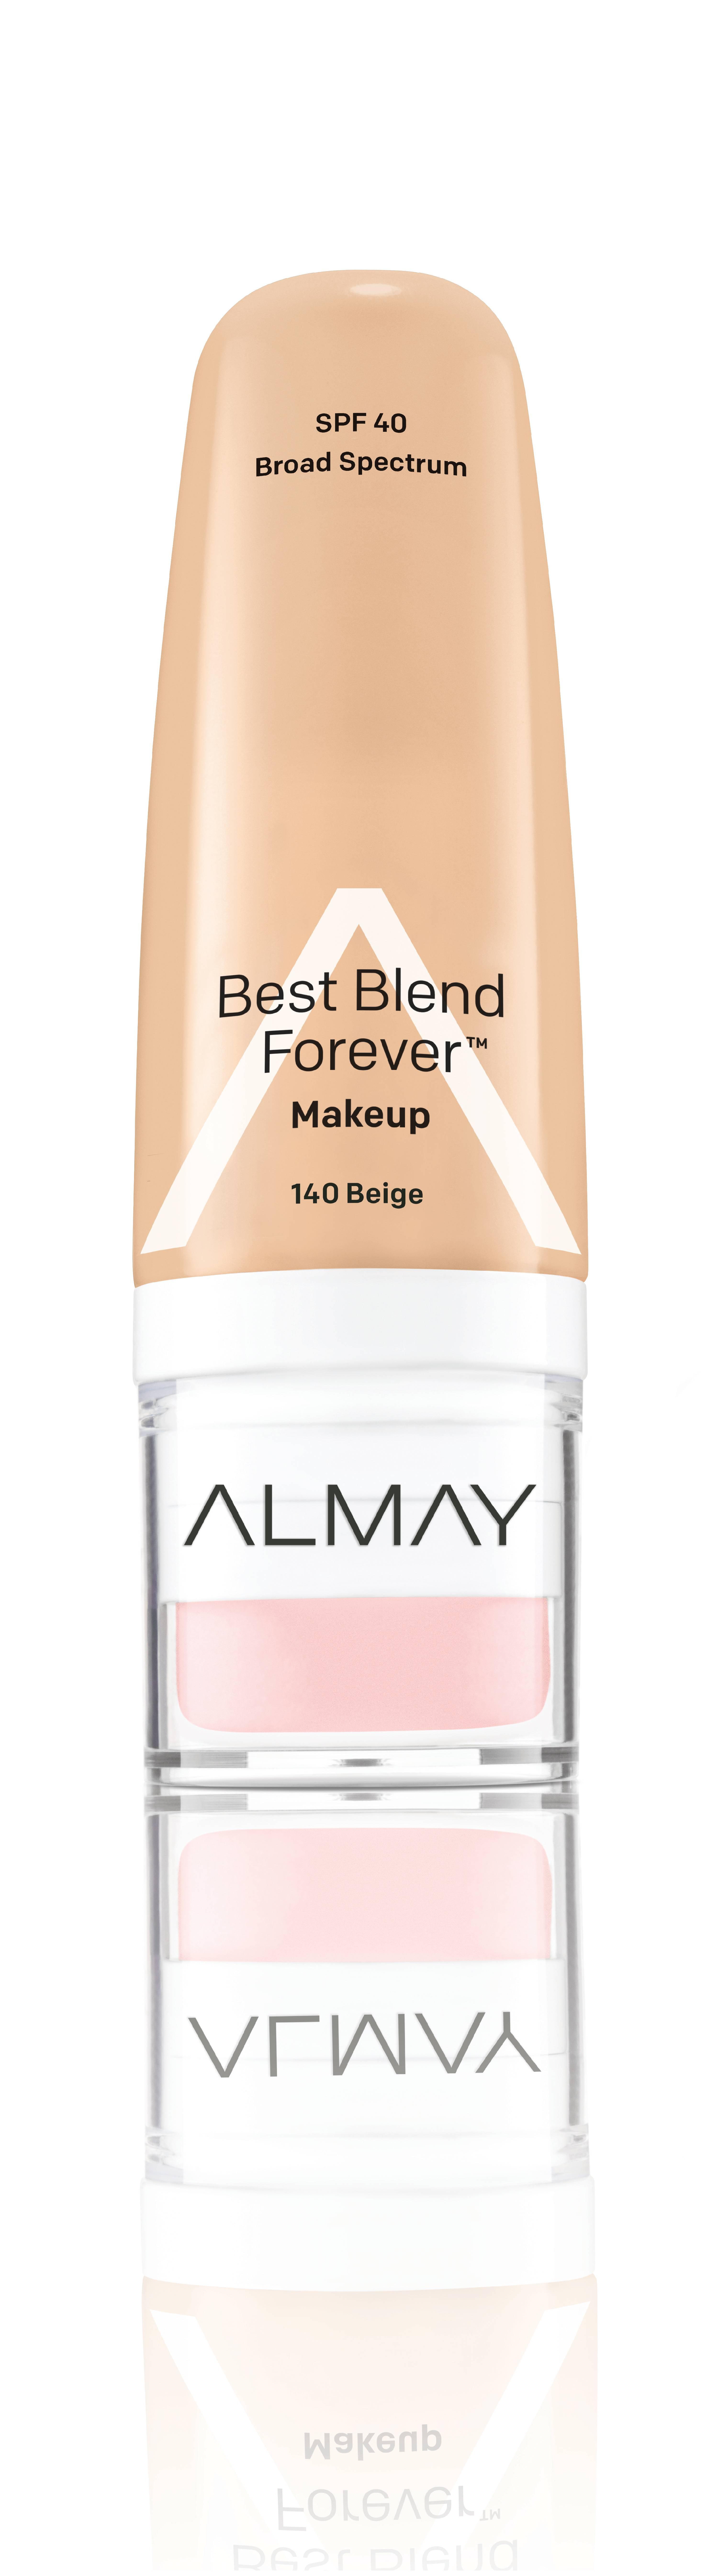 Almay - Best blend forever